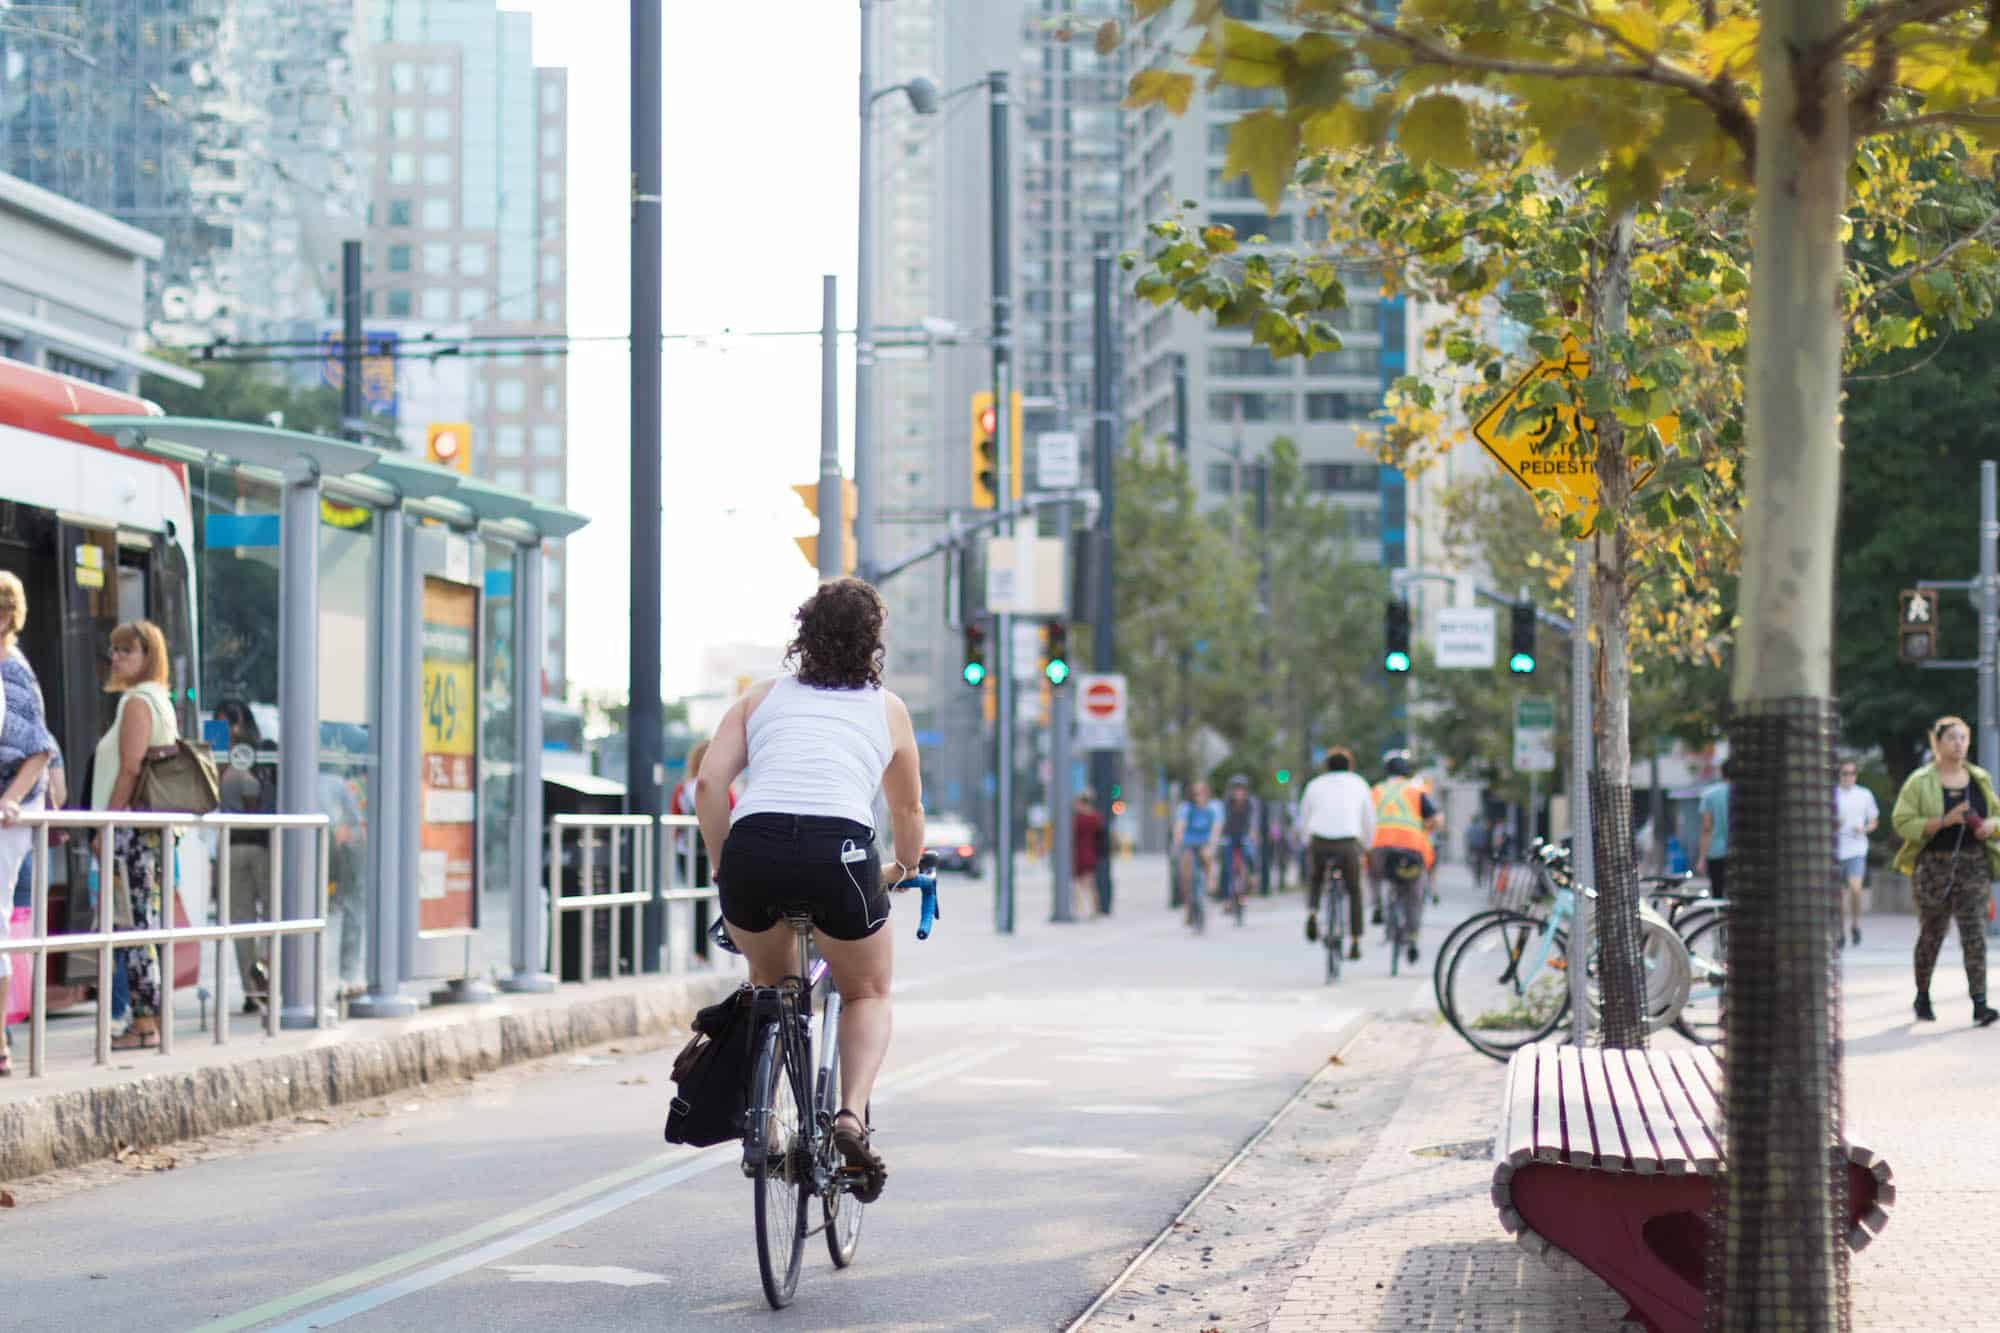 Bike Lane at Toronto Harbourfront